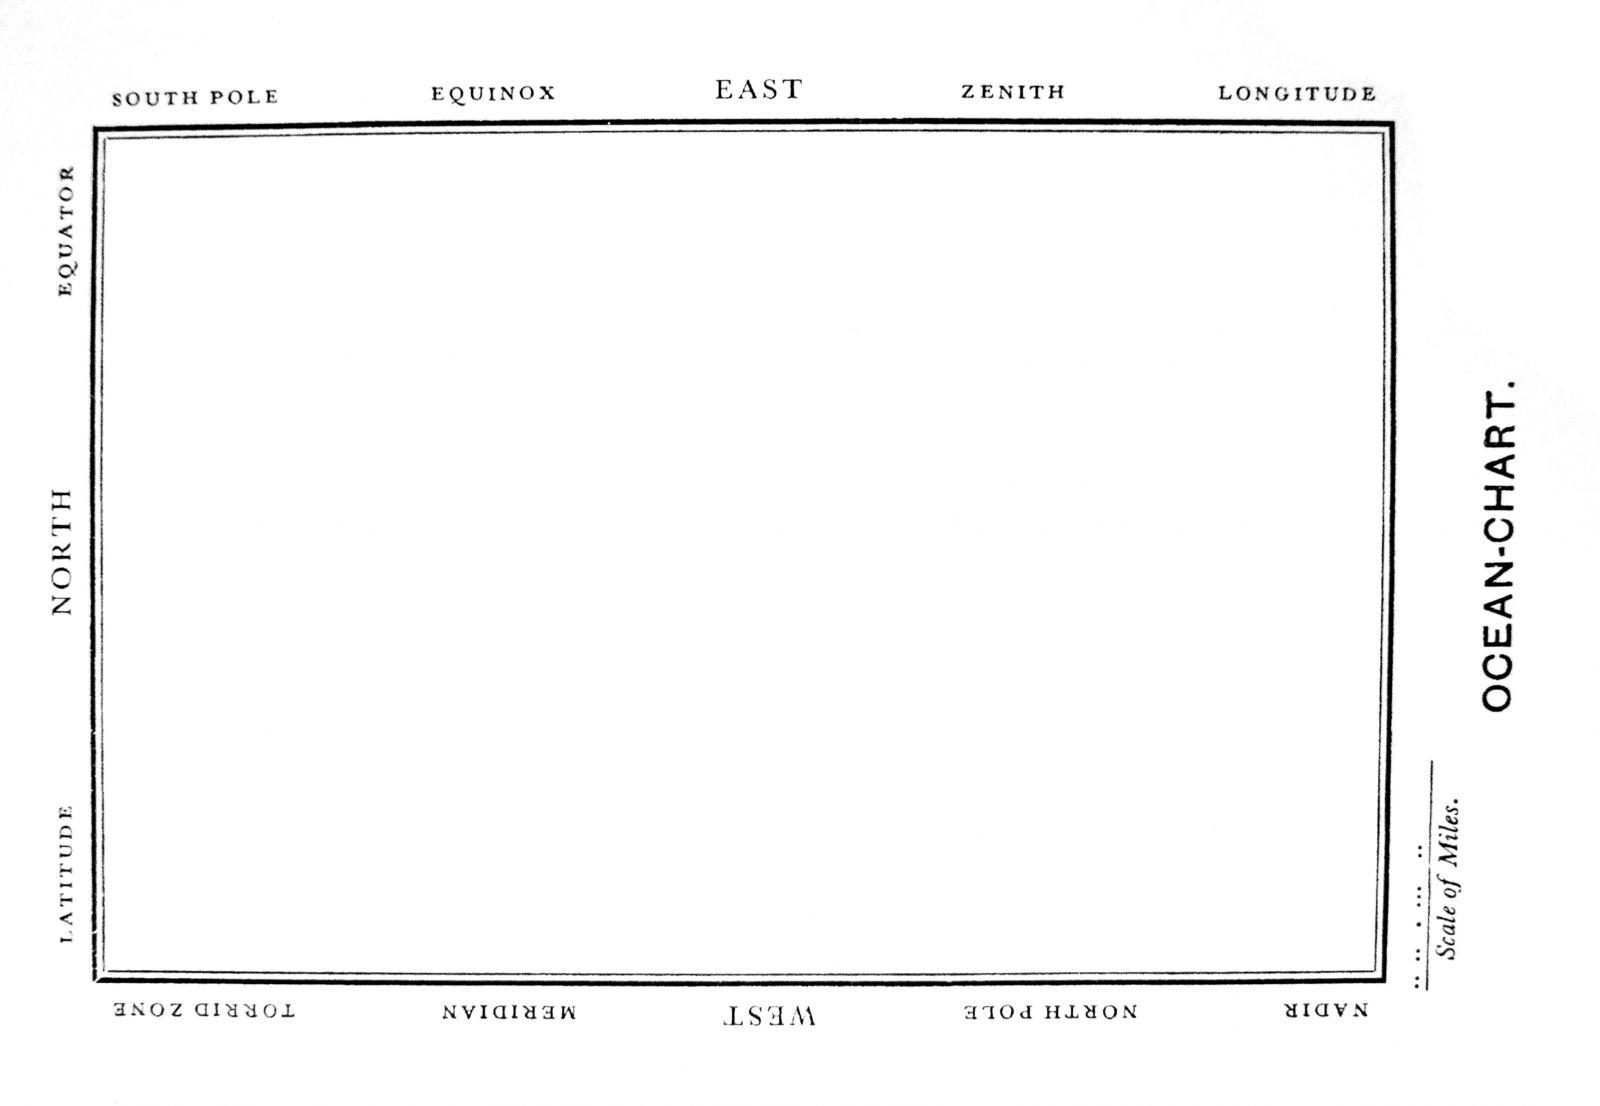 lewis-carroll-ocean-chart_ok-ec6de8b6dc6ac21f6731a712df38f335